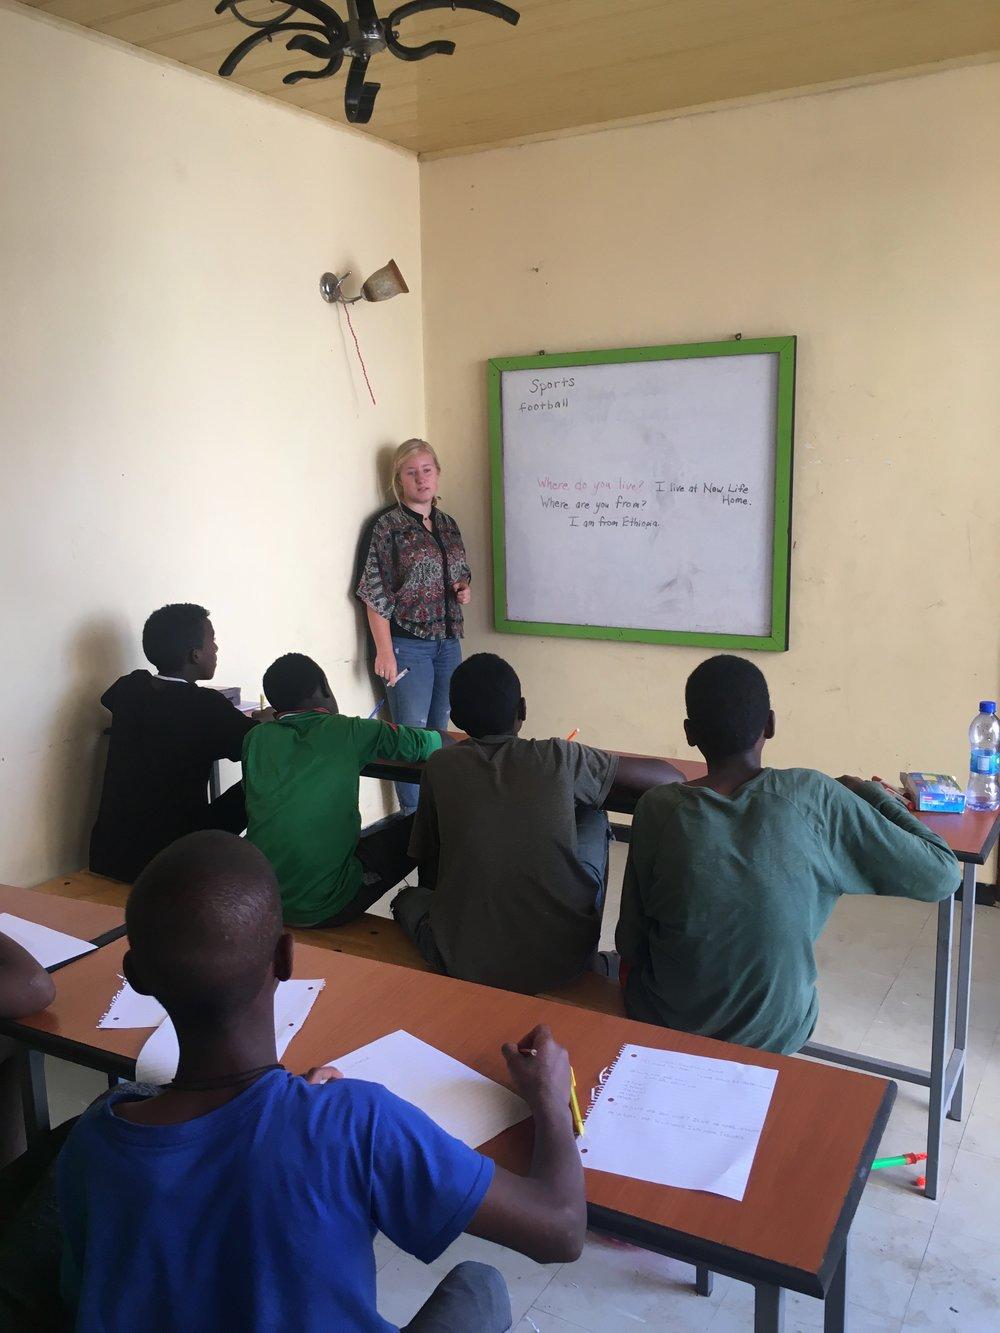 Audrey teaching an English class